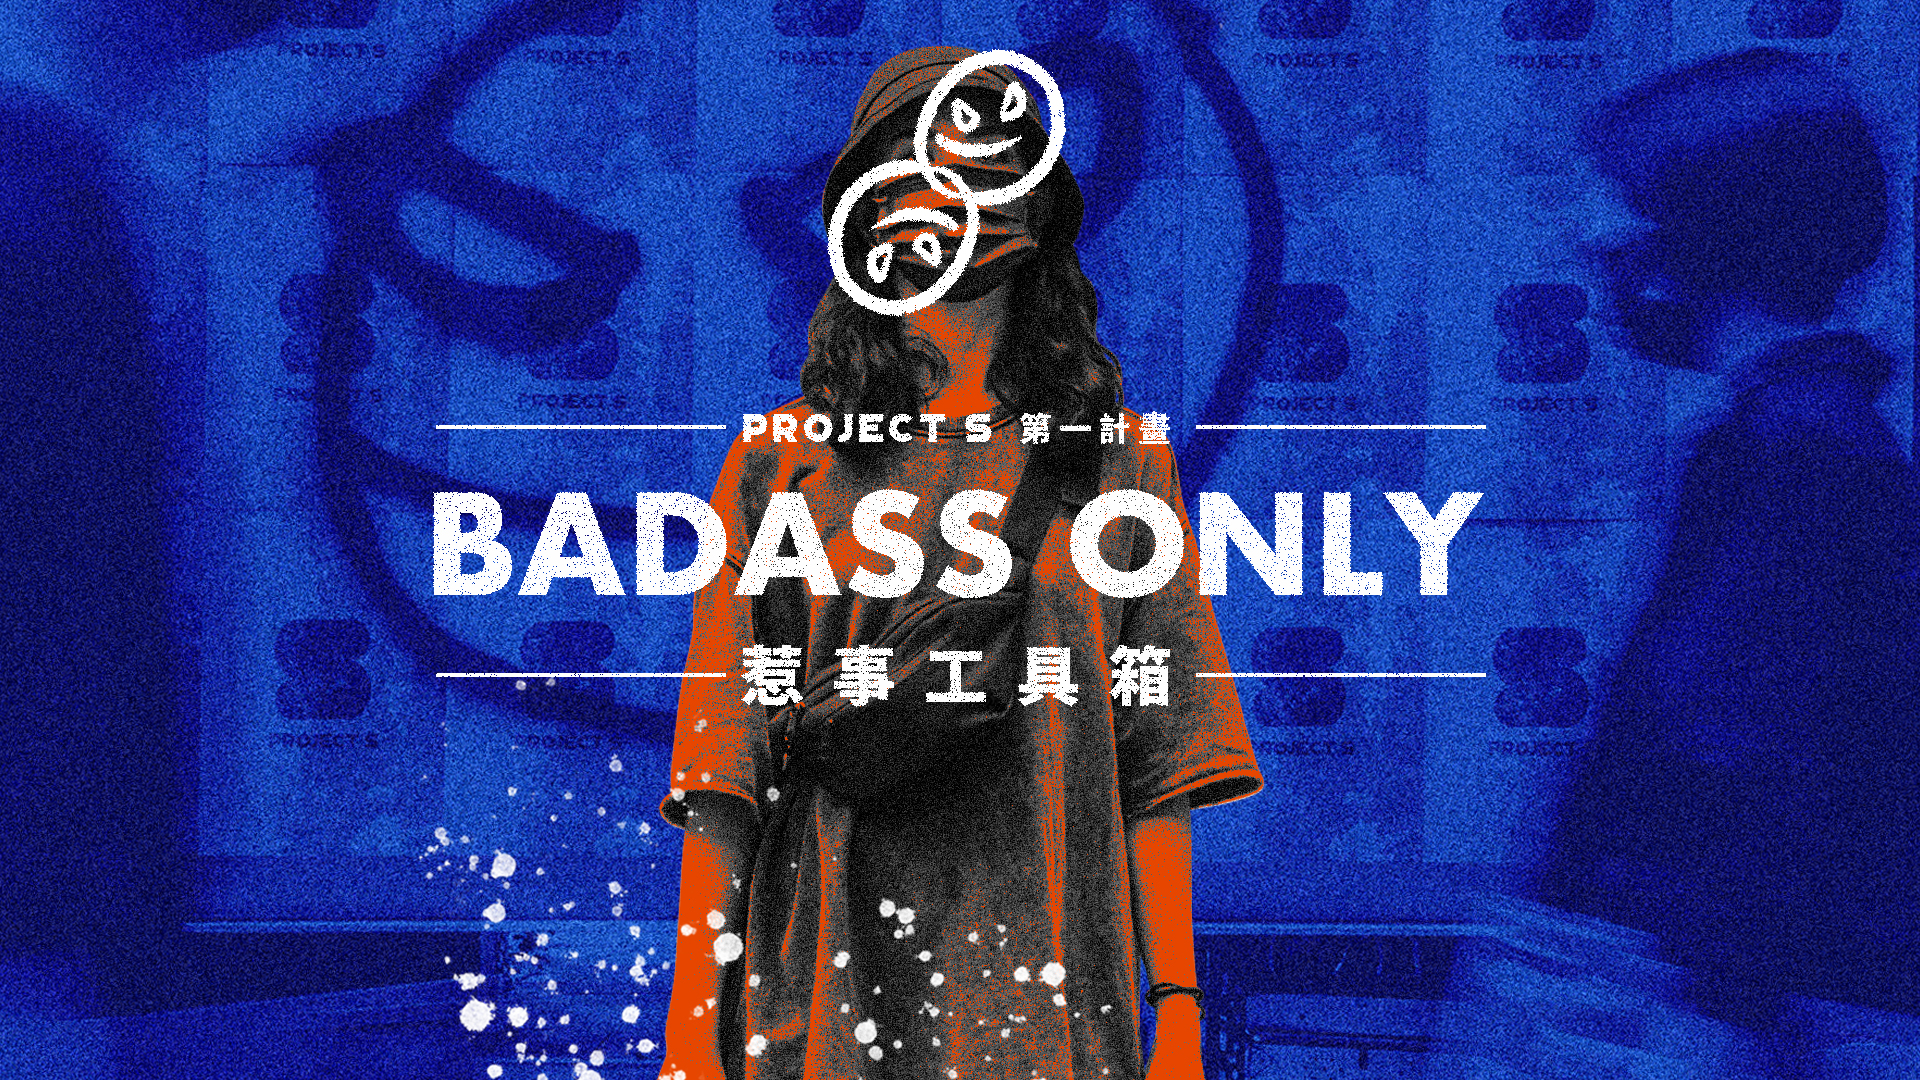 BADASS ONLY 惹事工具箱|驚喜製造全新系列,陪你街頭巷尾部署驚喜!